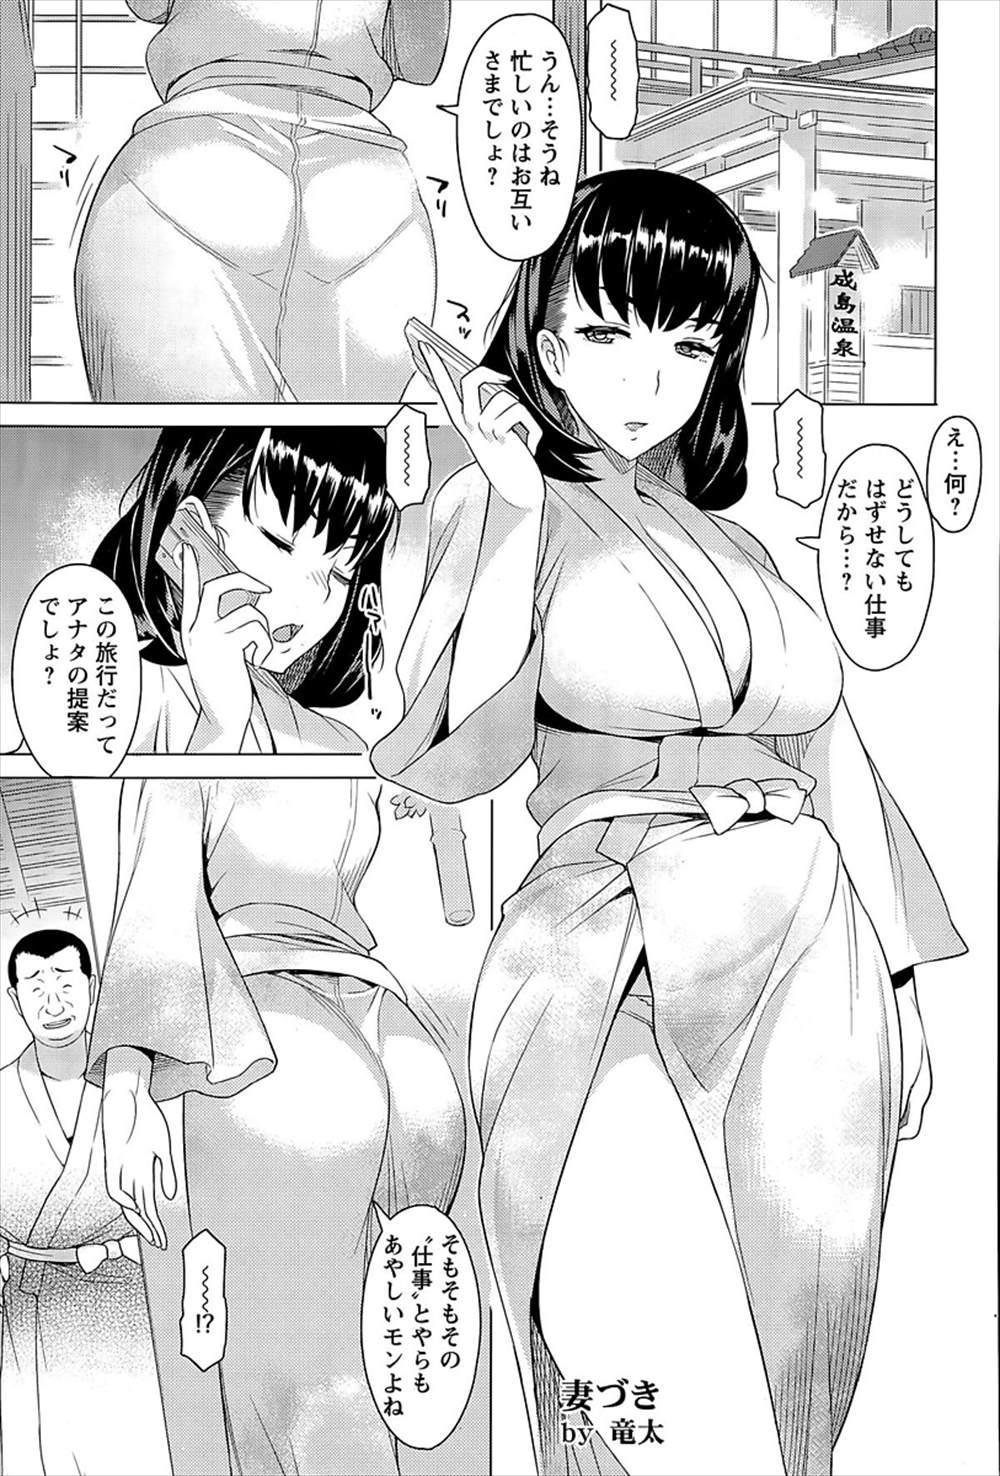 【エロ漫画】旦那が不倫している疑惑…一人で旅館でナンパされた人妻が性欲解消NTR3pえっちwww【竜太:妻づき】